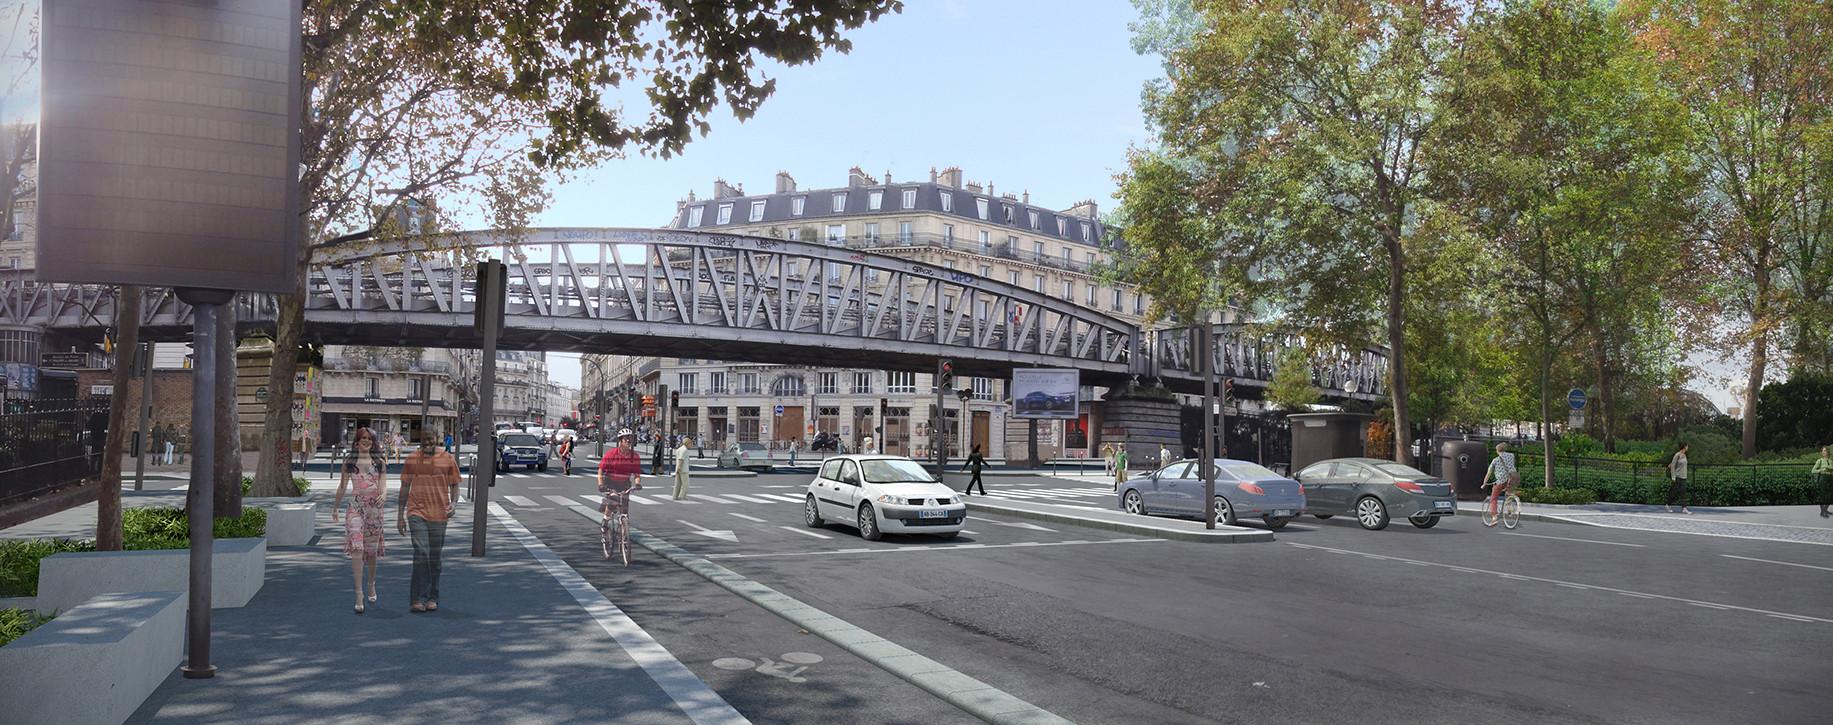 Paris - Boulevard Chapelle